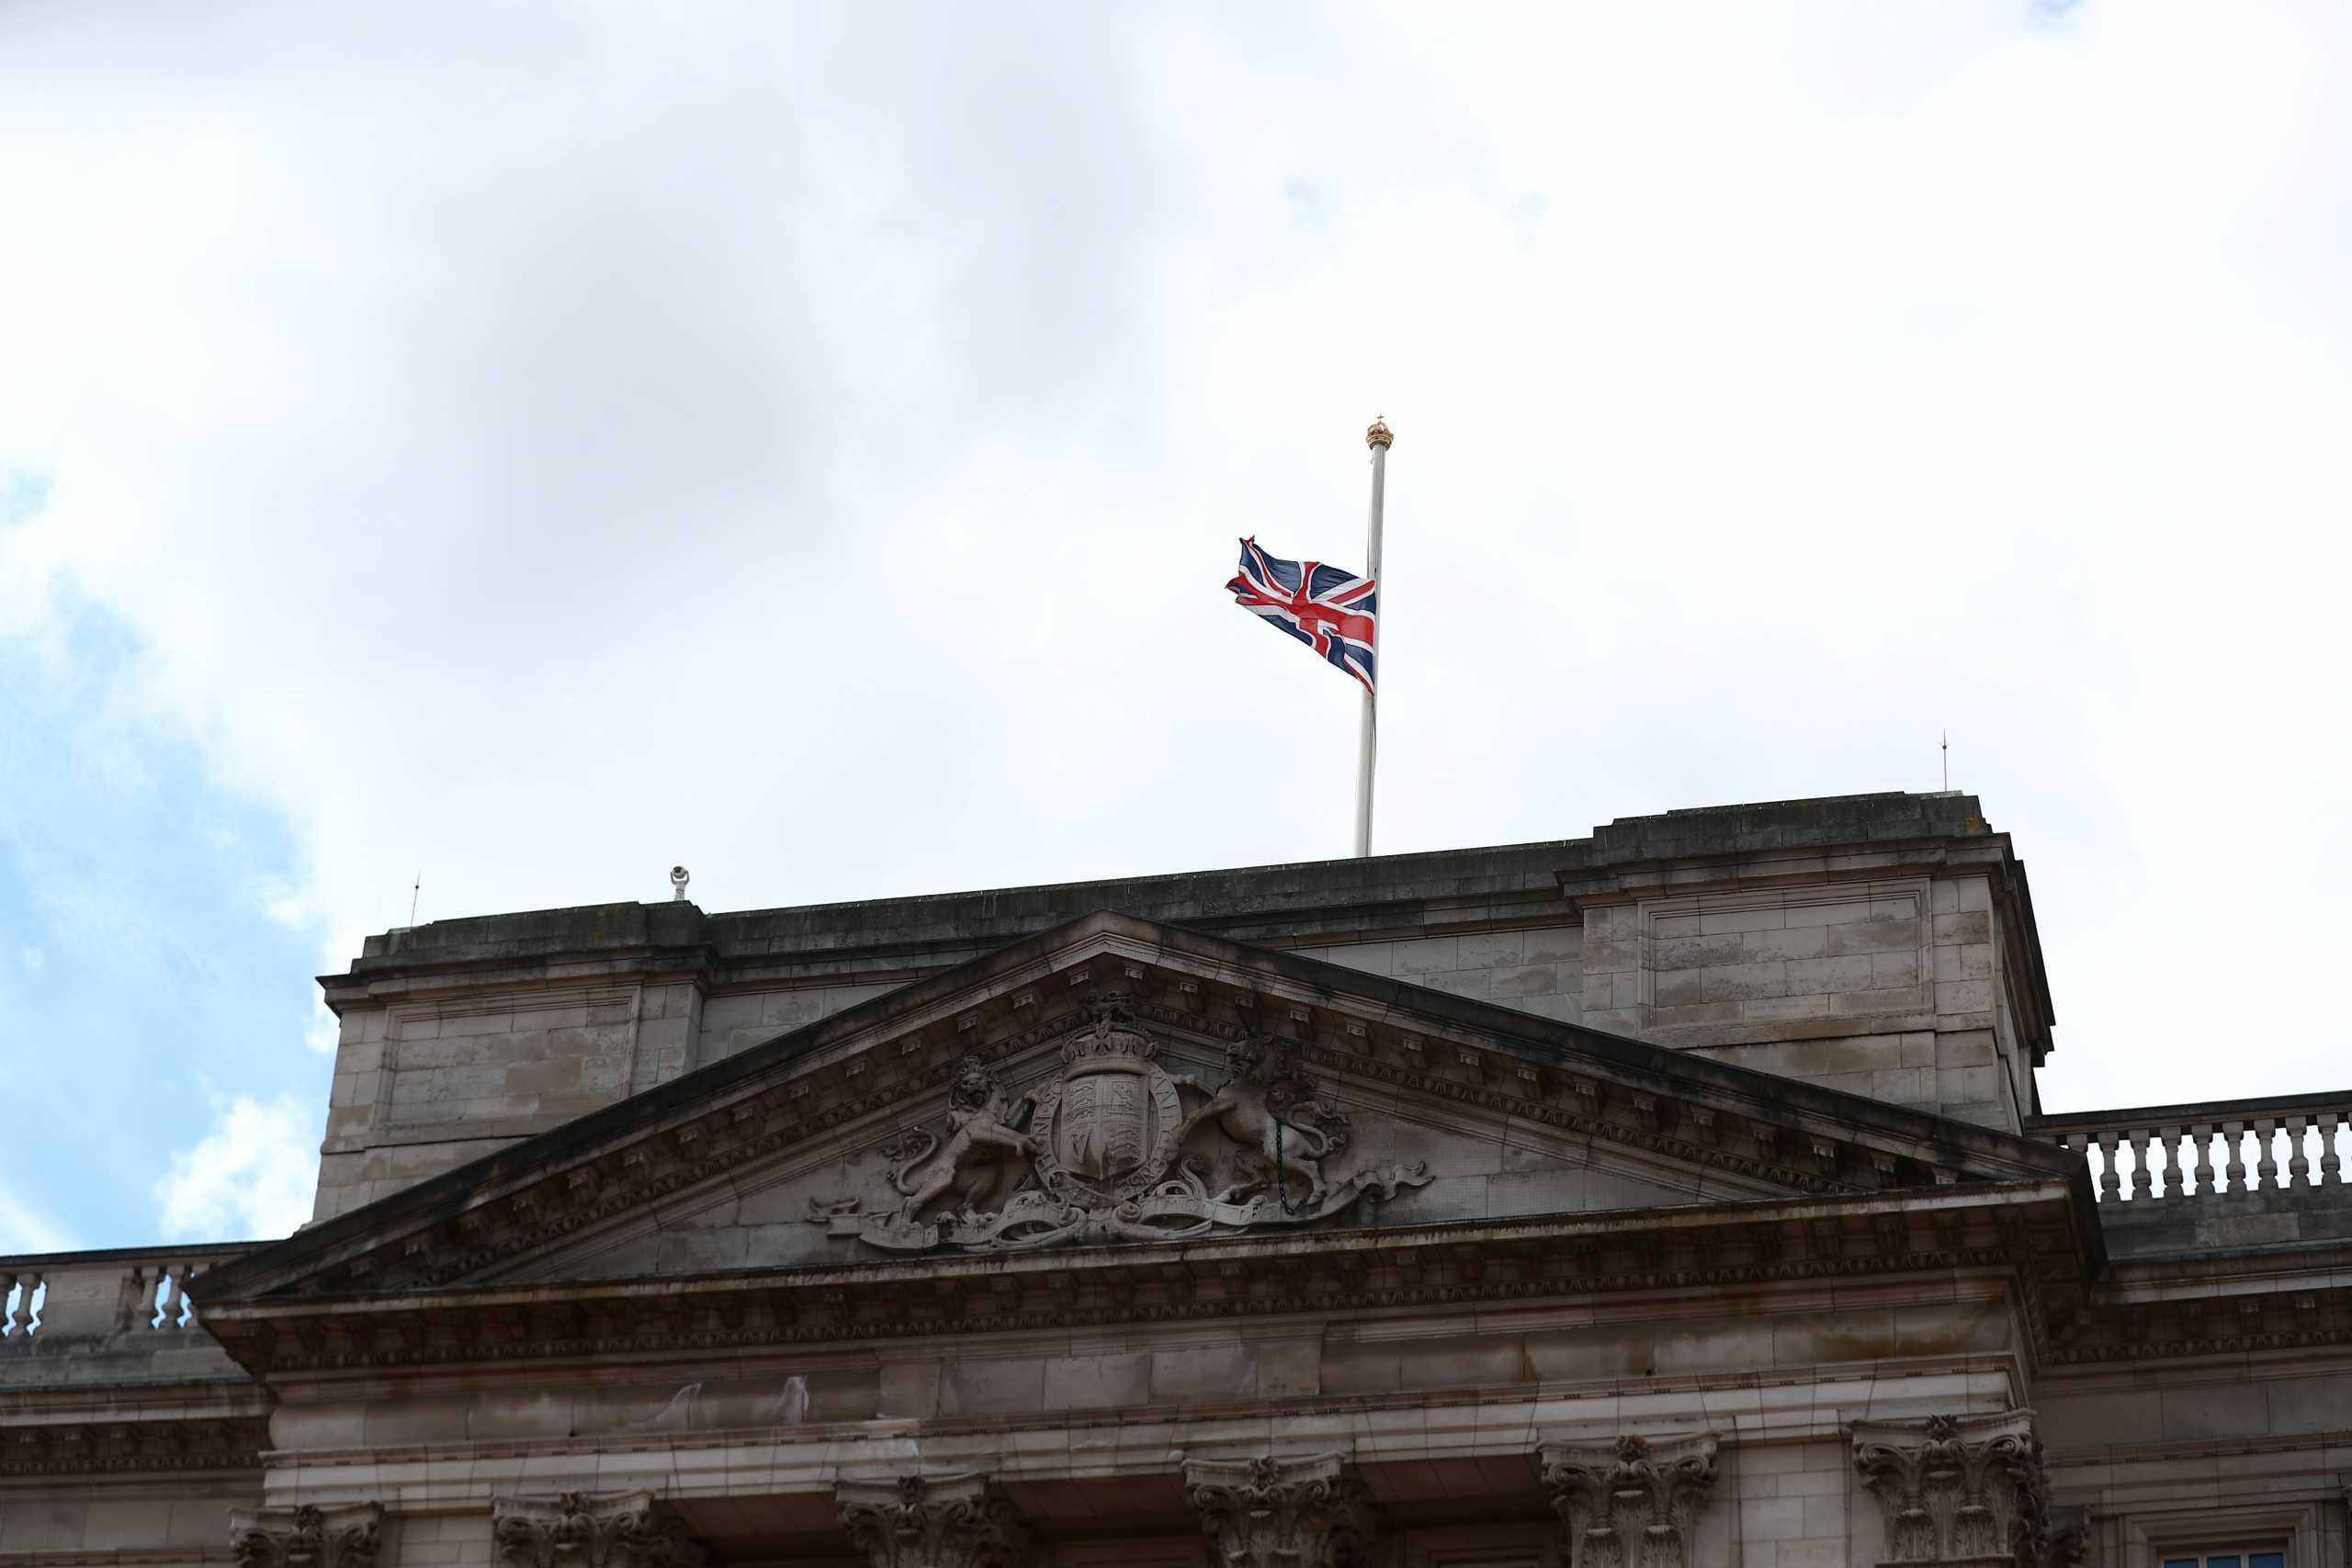 Πρίγκιπας Φίλιππος: Μεσίστια η σημαία στο Μπάκινγχαμ – Που θα γίνει η κηδεία